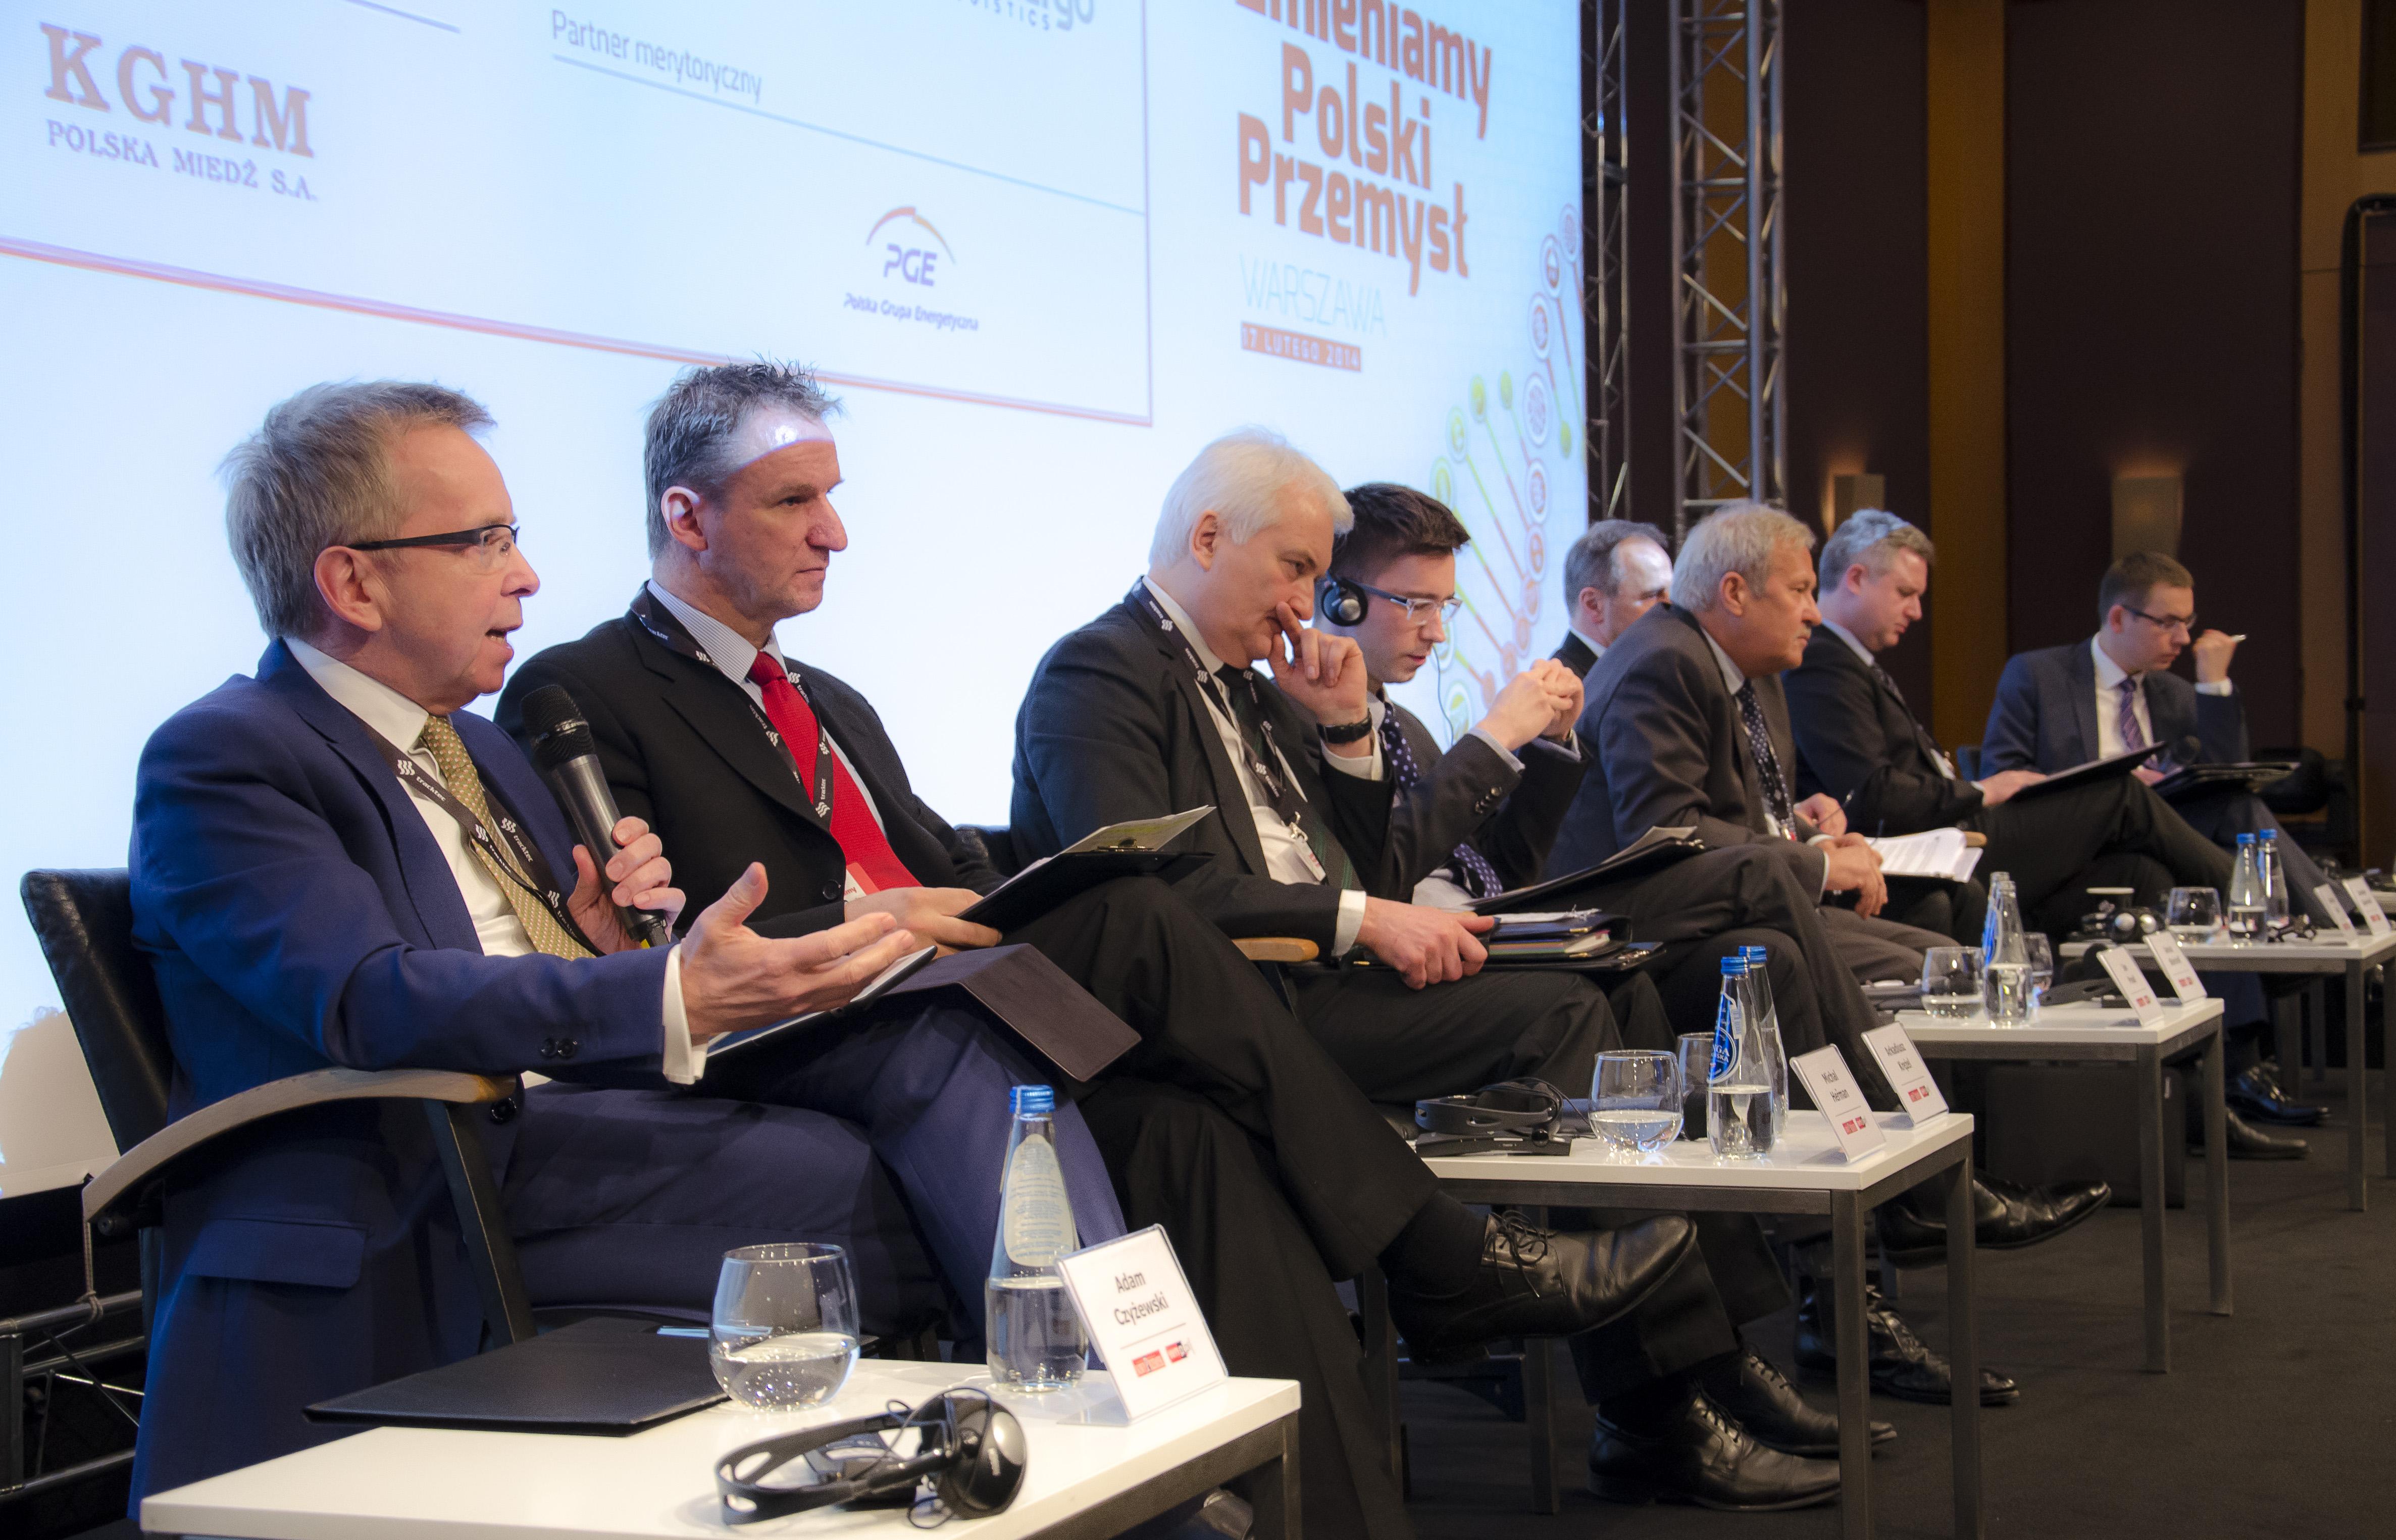 'We Change Polish Industry' Forum